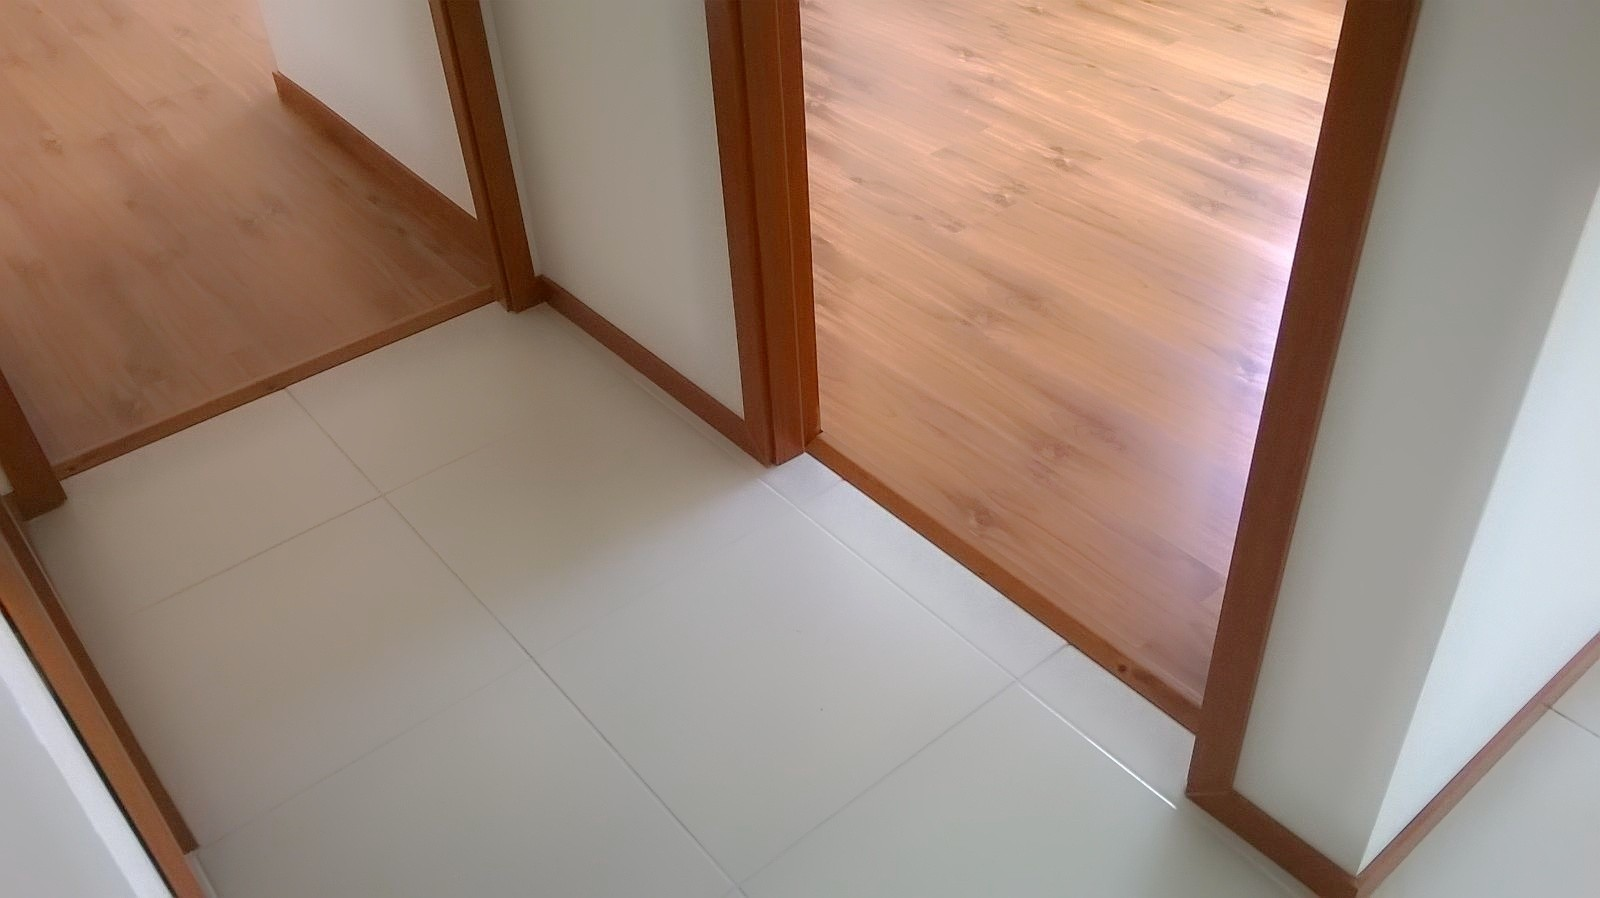 Famosos Apartamento 207: Reforma do Apê #2 - Piso dos quartos e azulejo da  TO88